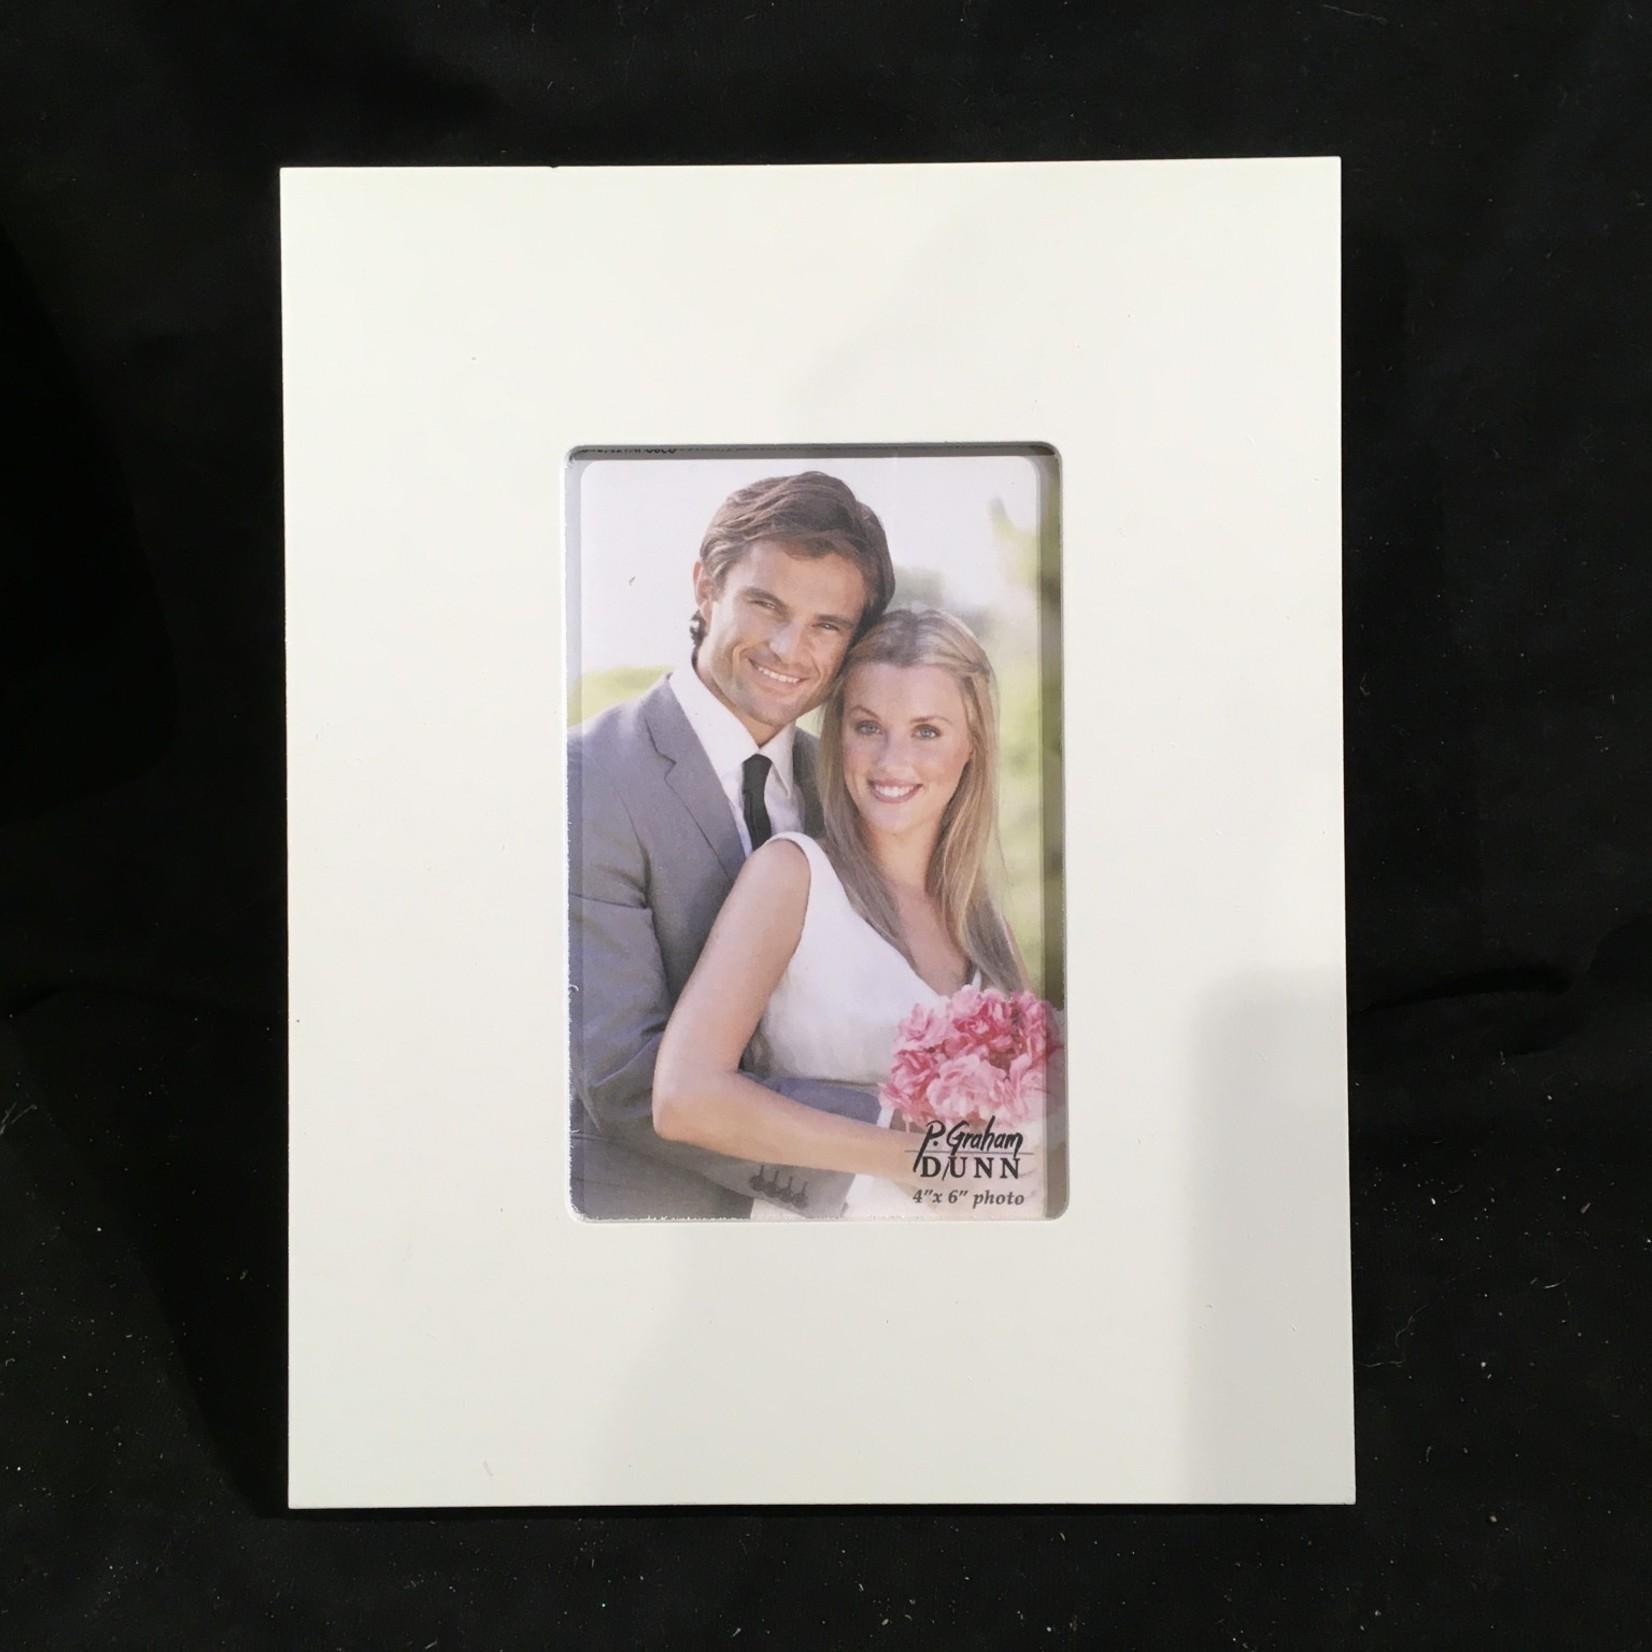 4x6 Photo Frame - White